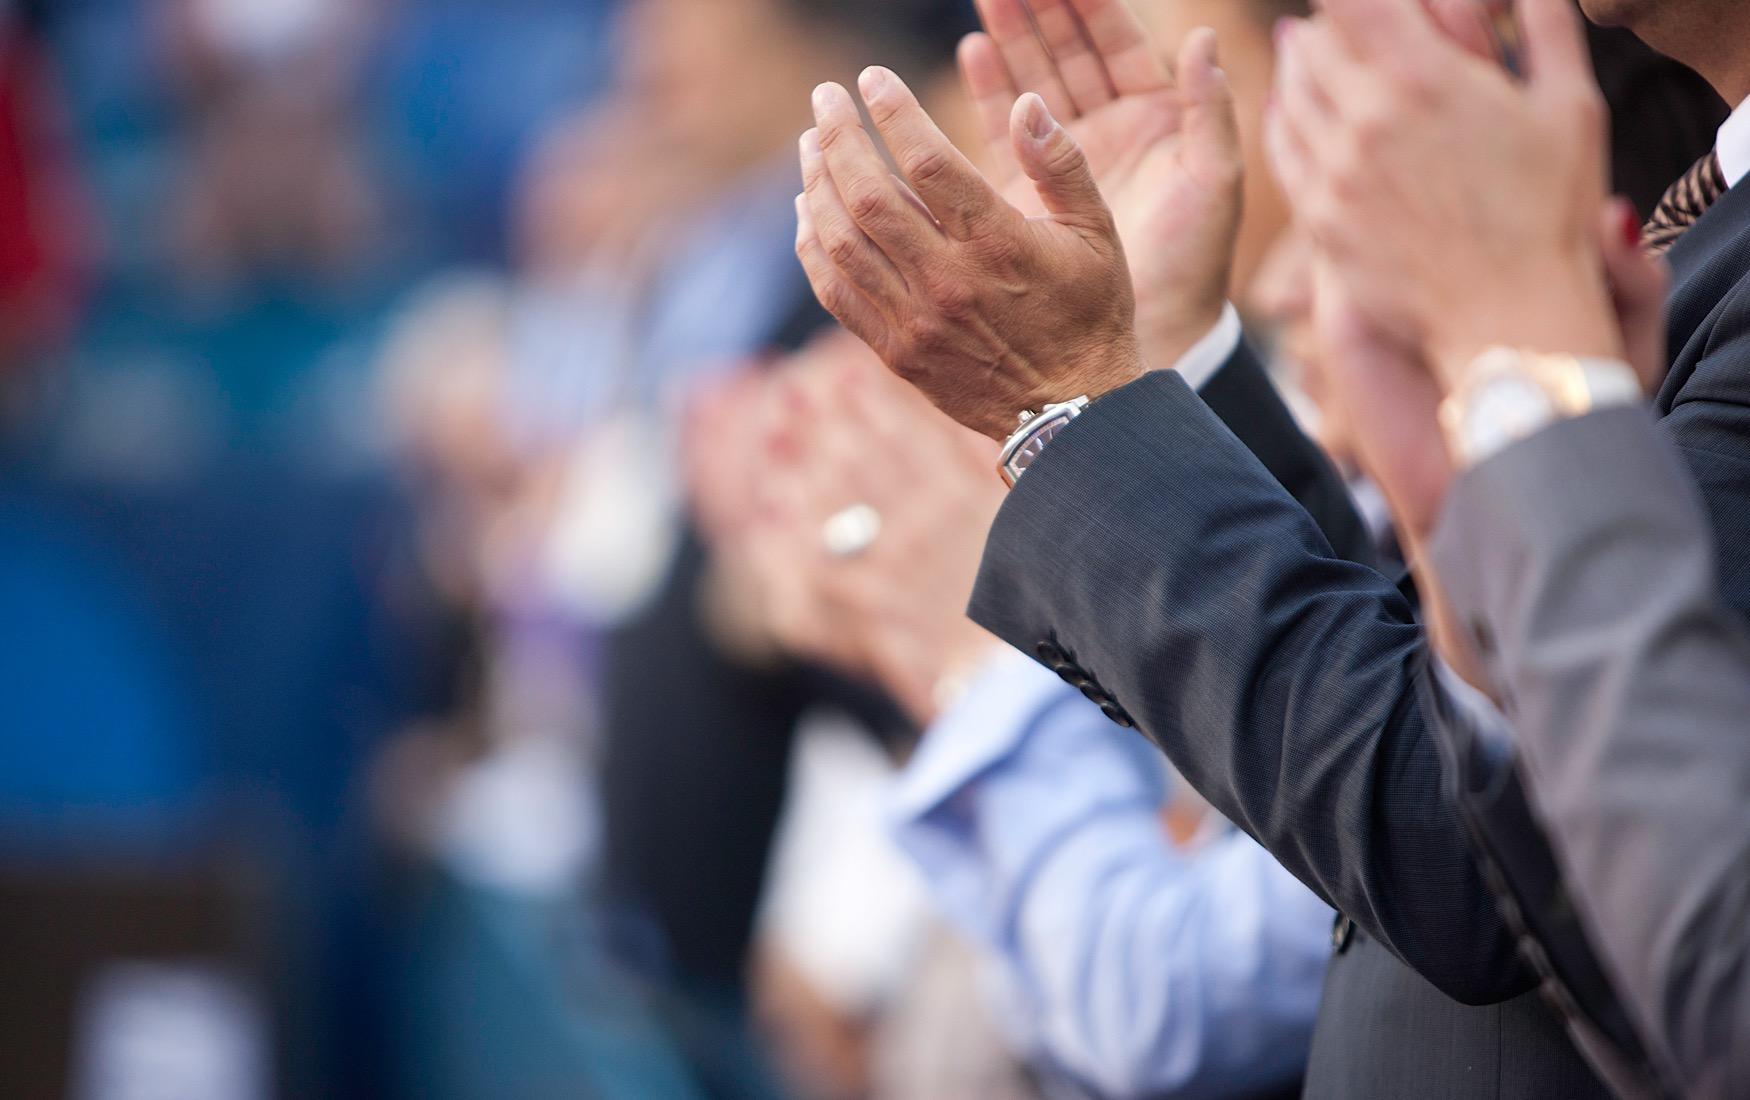 Сотруднику Пермского филиала ИЭ УрО РАН Игорю Загоруйко присвоено звание «Почетный работник высшего образования Российской Федерации»